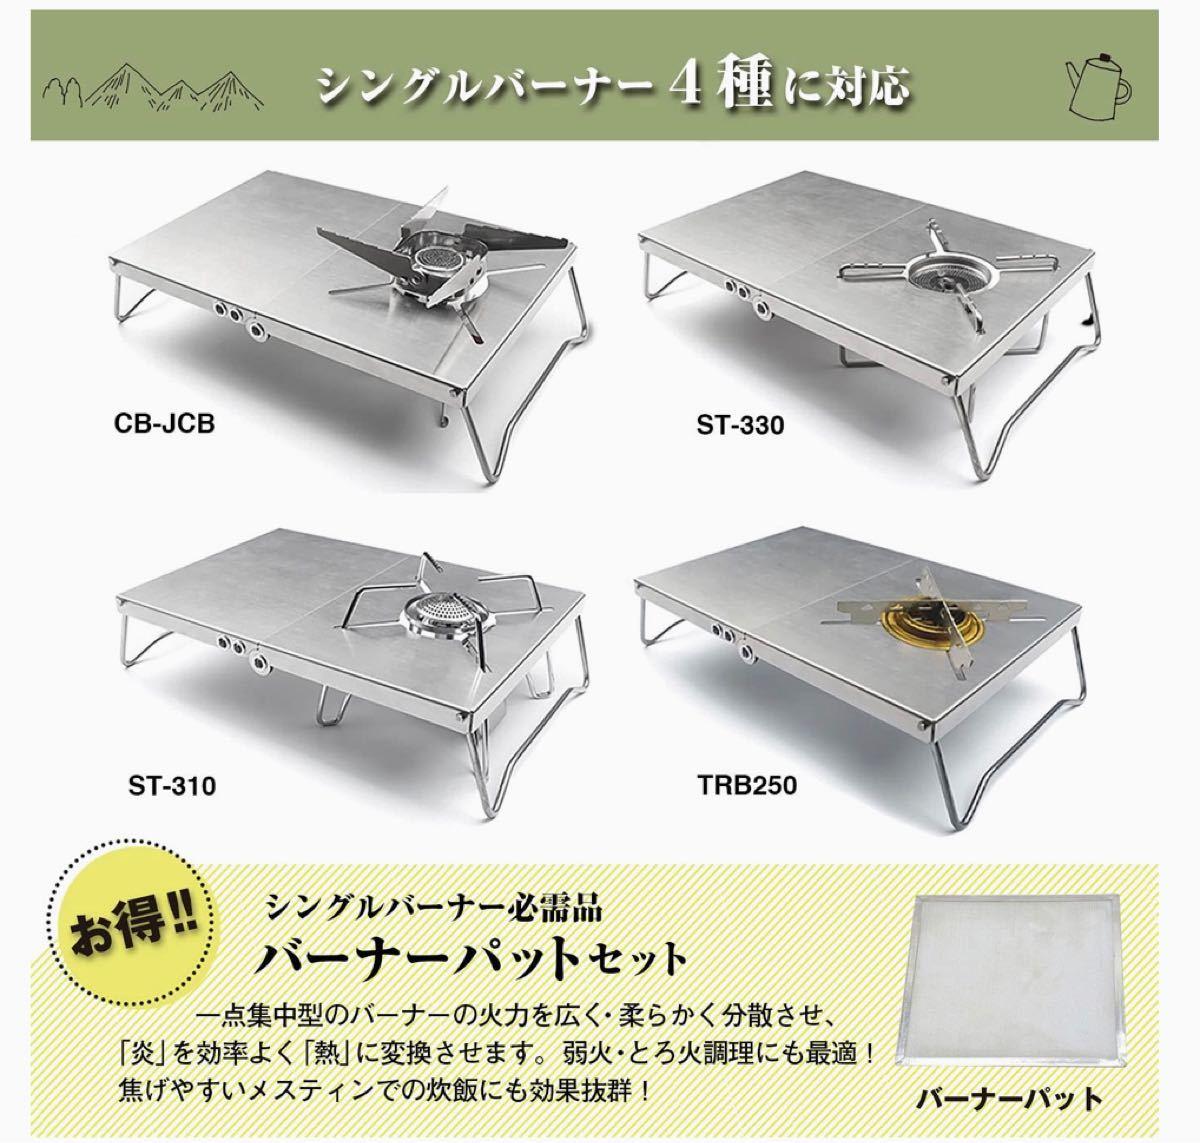 遮熱テーブル イワタニ バーナー アウトドア シングルバーナー コンパクト 新品 シングルバーナー